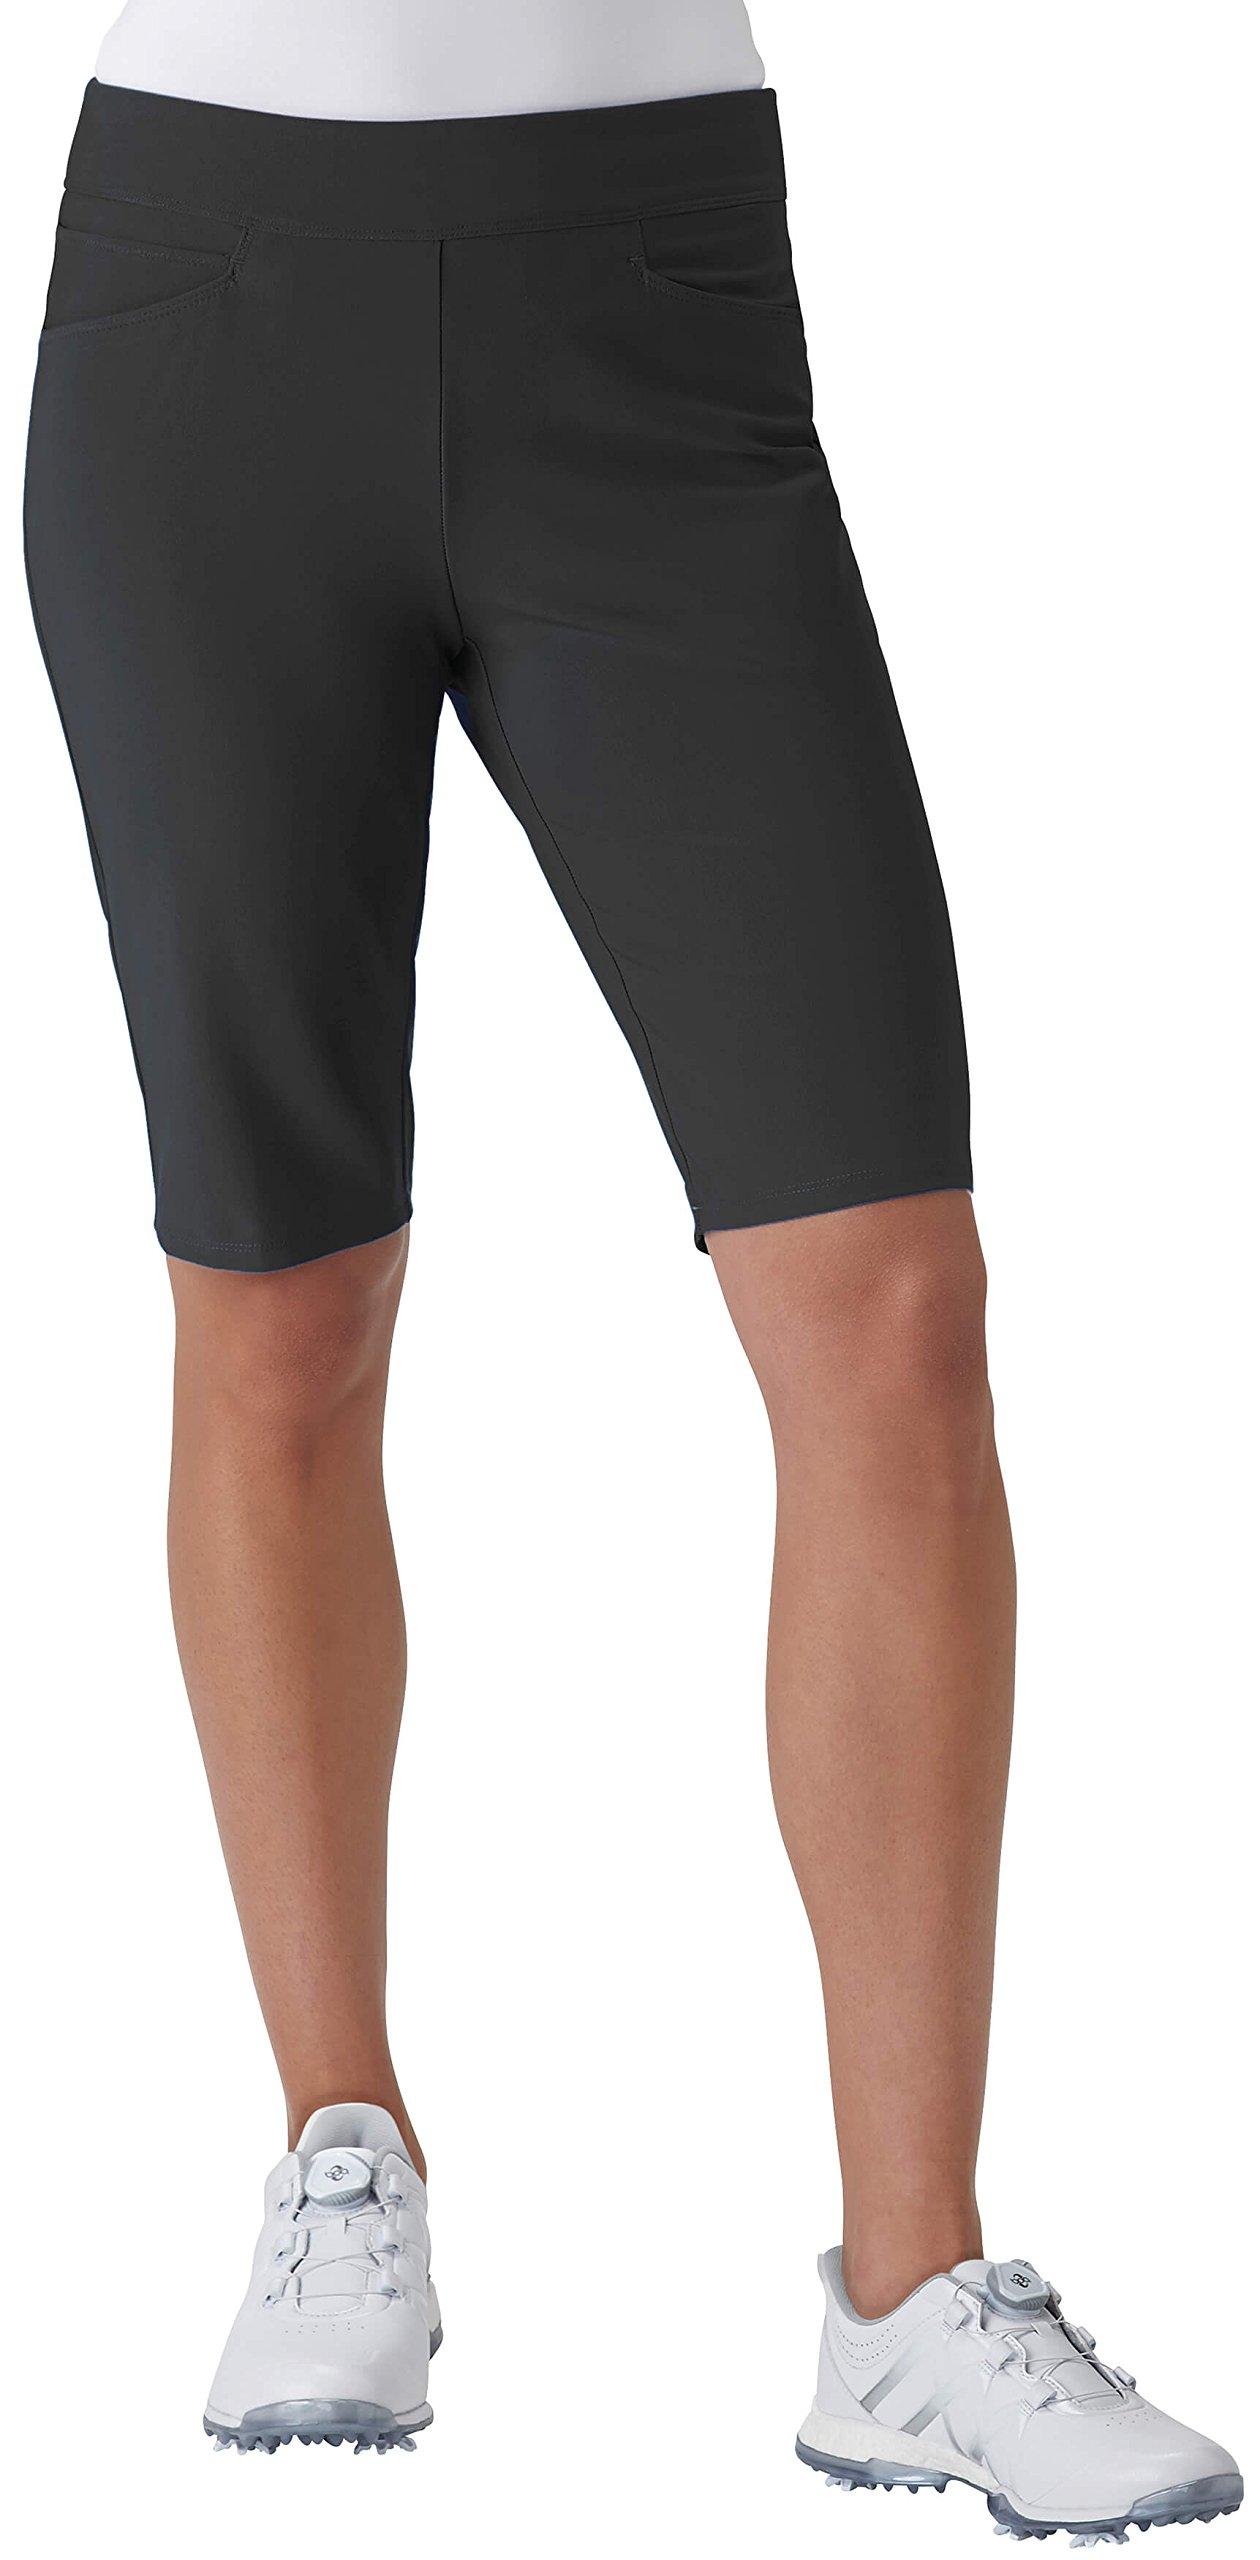 adidas Golf Women's Adistar Bermuda Shorts, Black, Medium